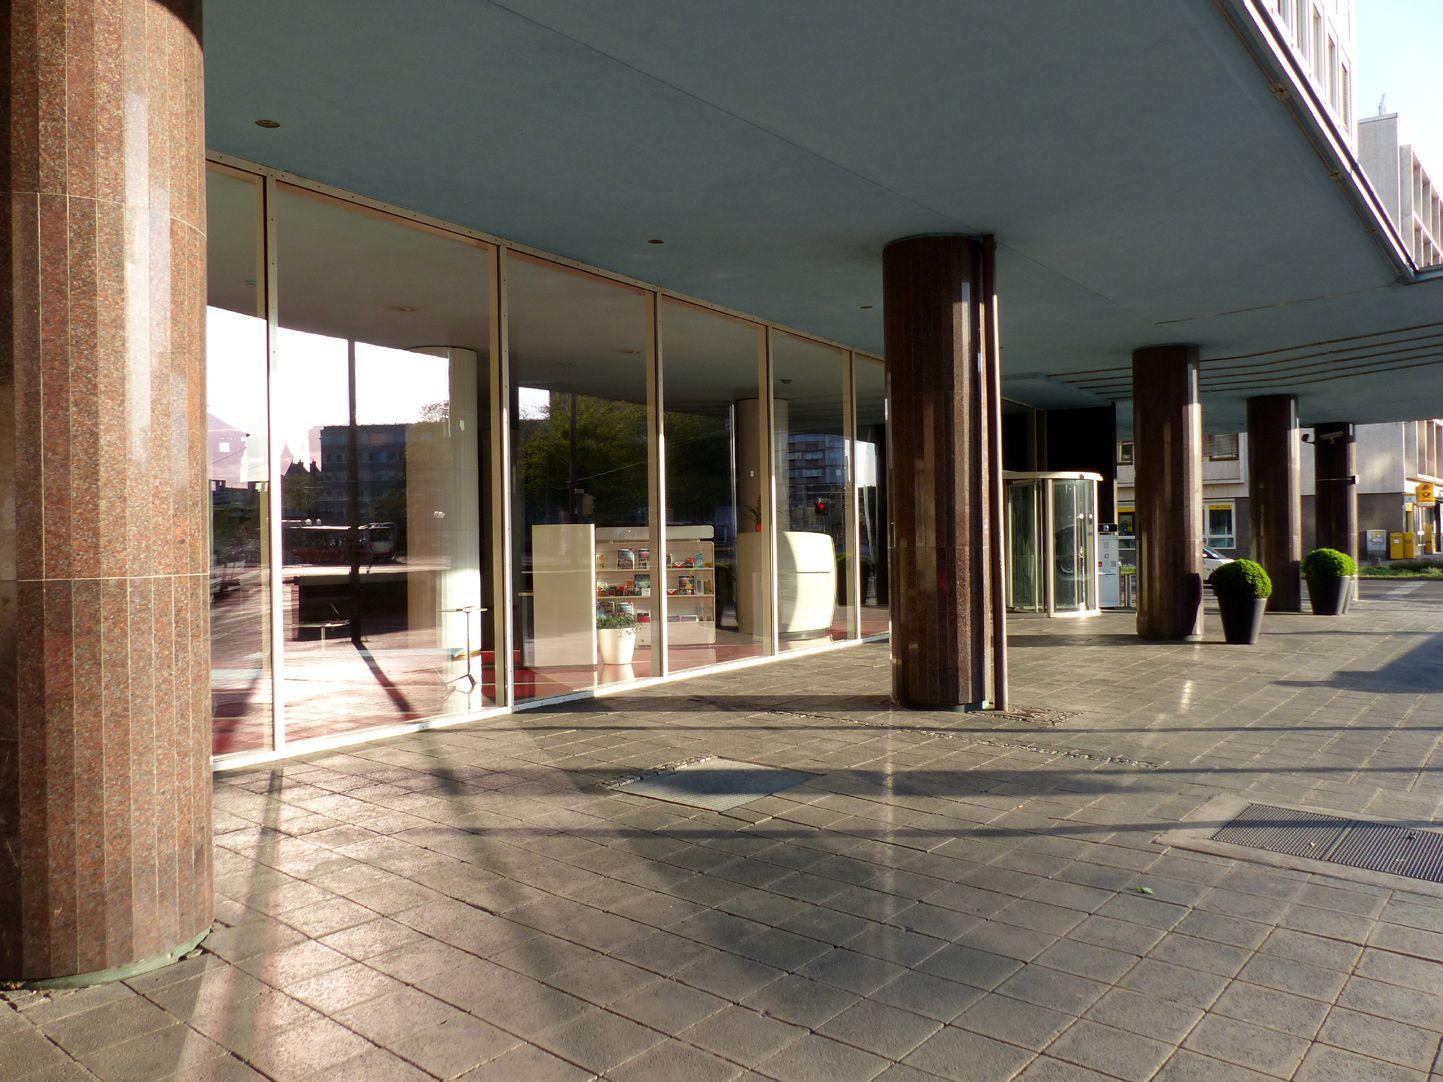 Plärrer tower block Entrance pergola facing Rothenburger Straße